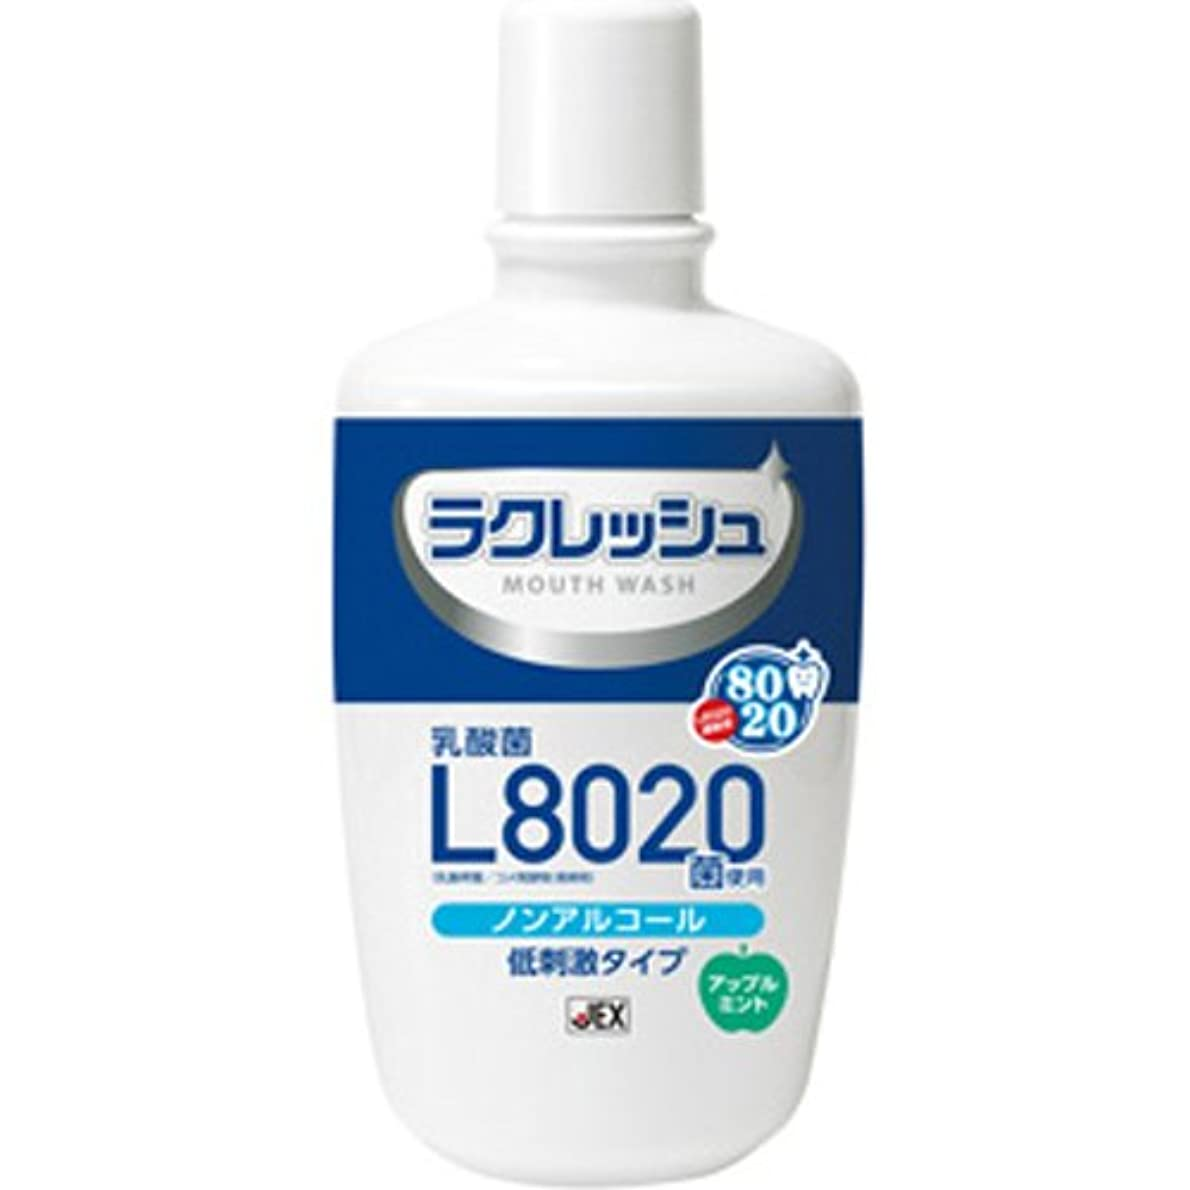 すき検査官シールラクレッシュ L8020菌入 マウスウォッシュ × 10個セット